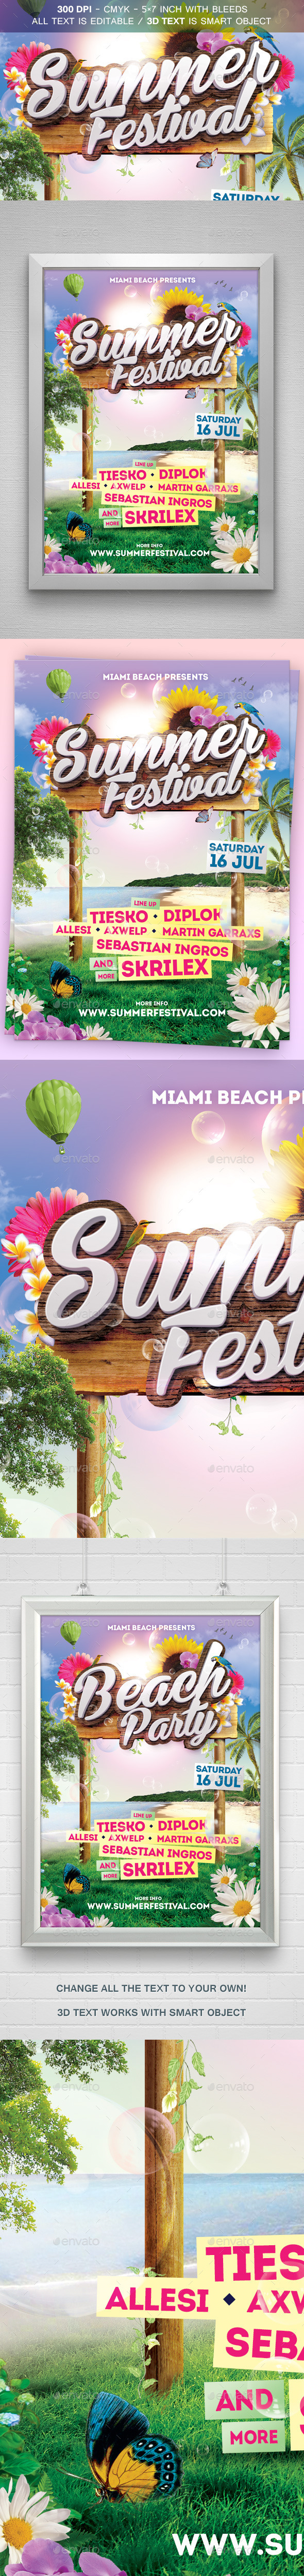 Summer Festival Flyer - Flyers Print Templates